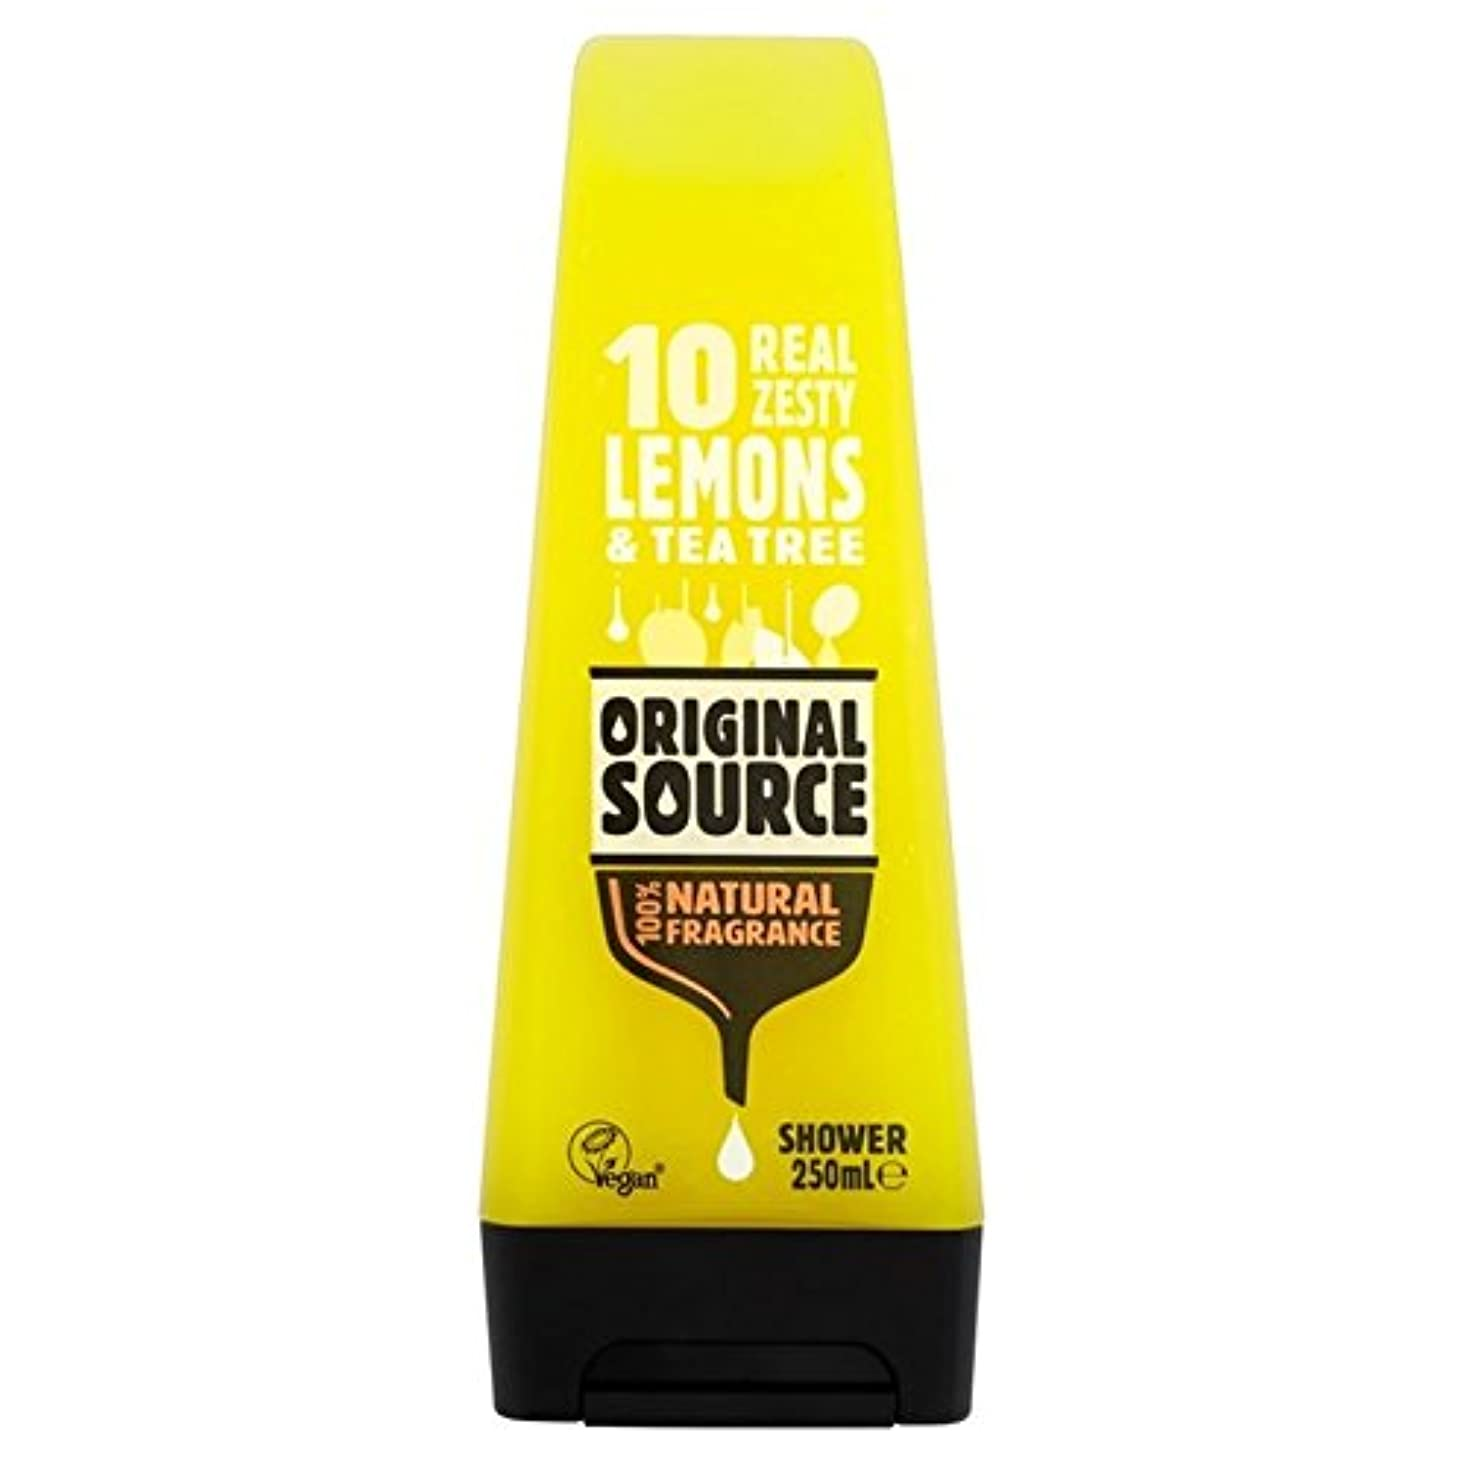 エレメンタル環境に優しい誓約Original Source Lemon Shower Gel 250ml (Pack of 6) - 元のソースのレモンシャワージェル250ミリリットル x6 [並行輸入品]